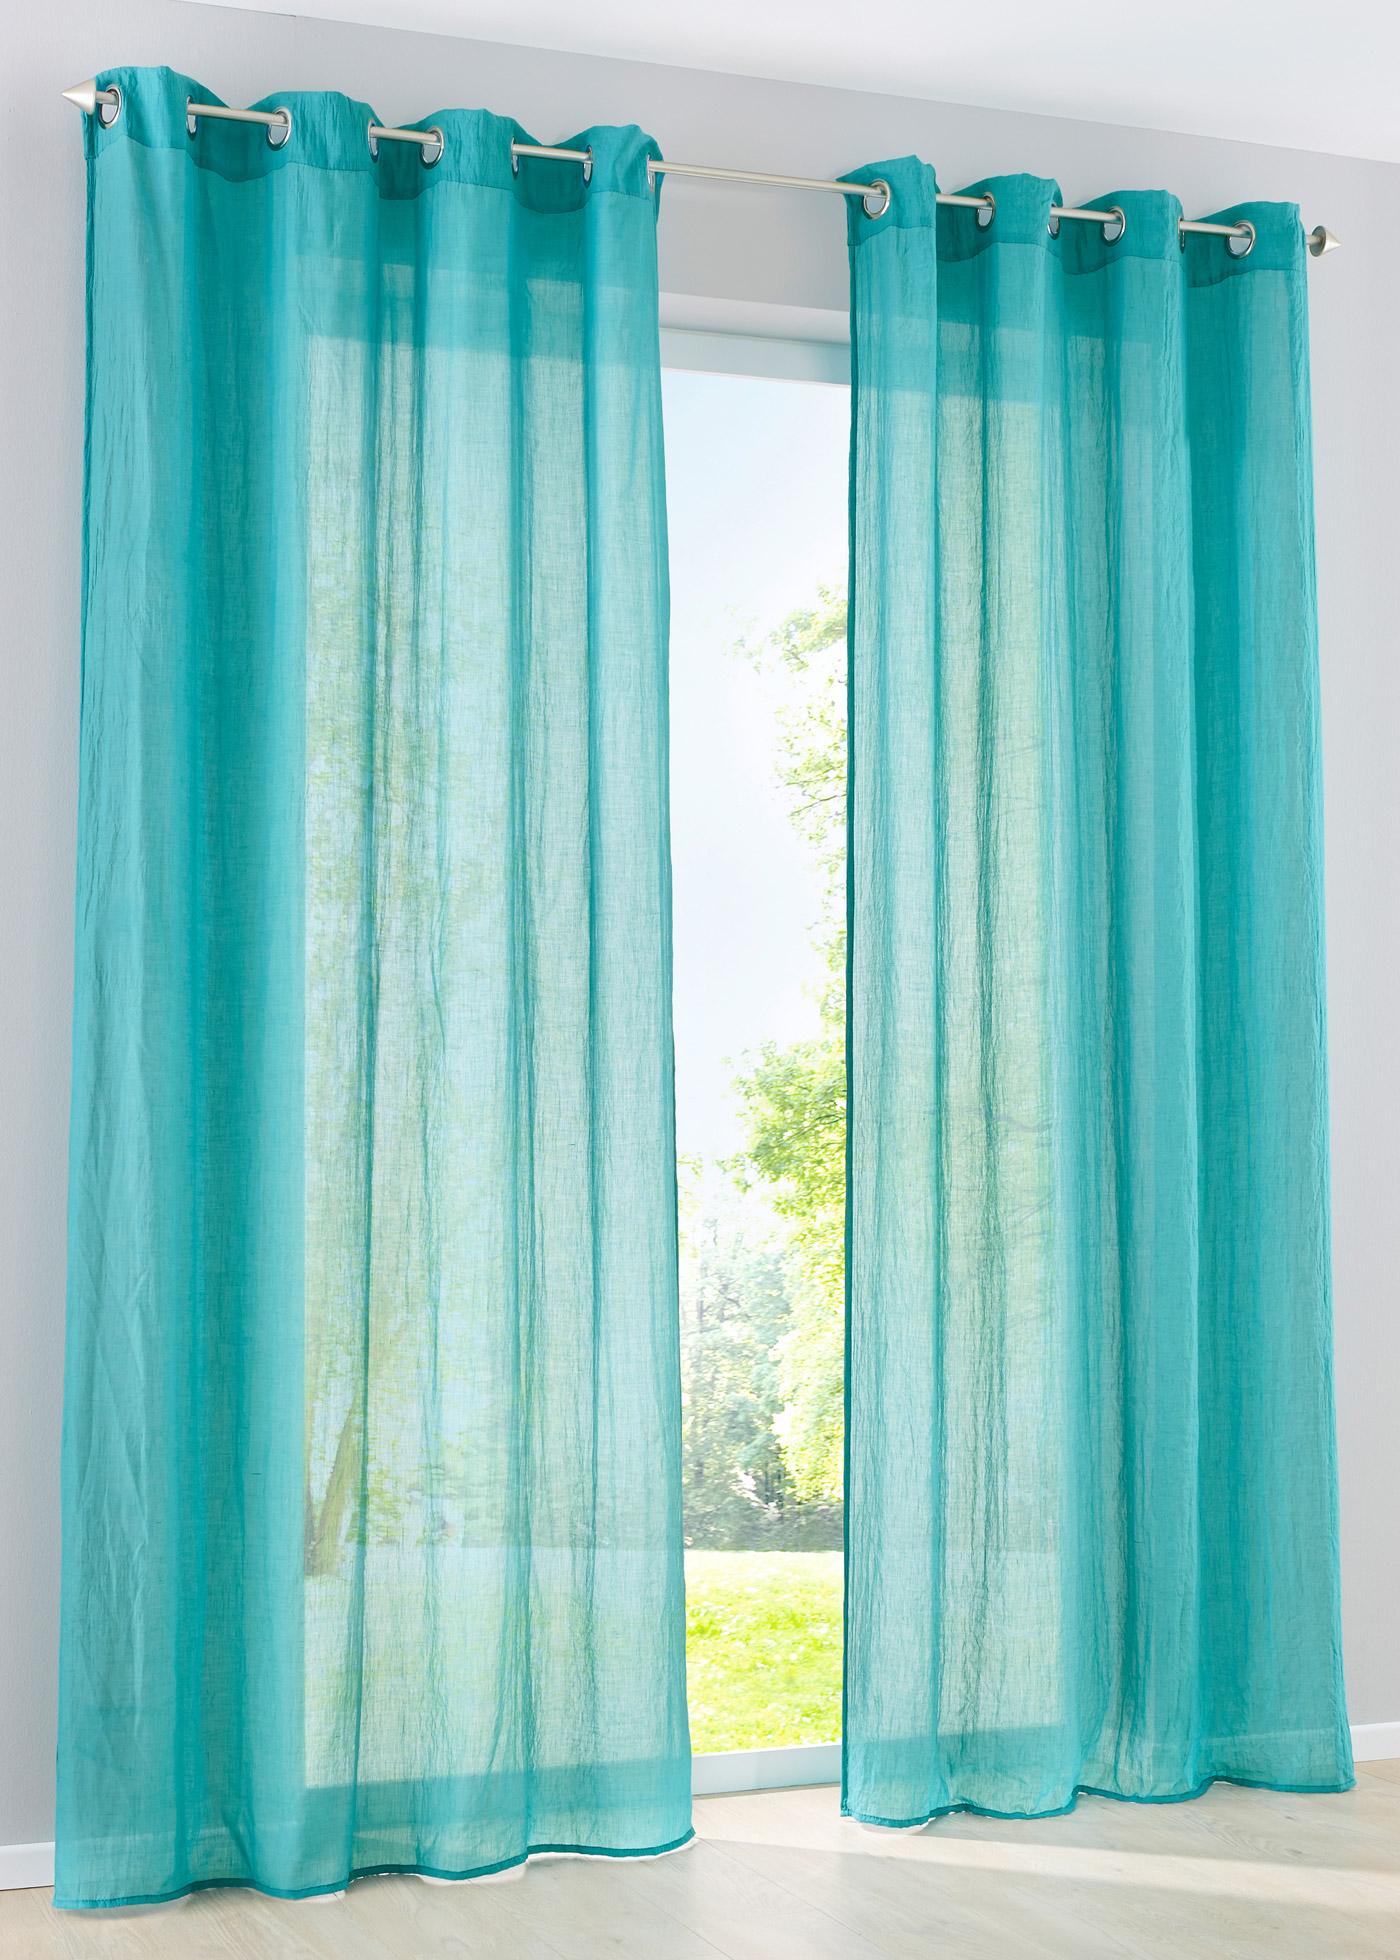 gardine vorhang kyra 1 st ck petrol 245 135 sen art. Black Bedroom Furniture Sets. Home Design Ideas